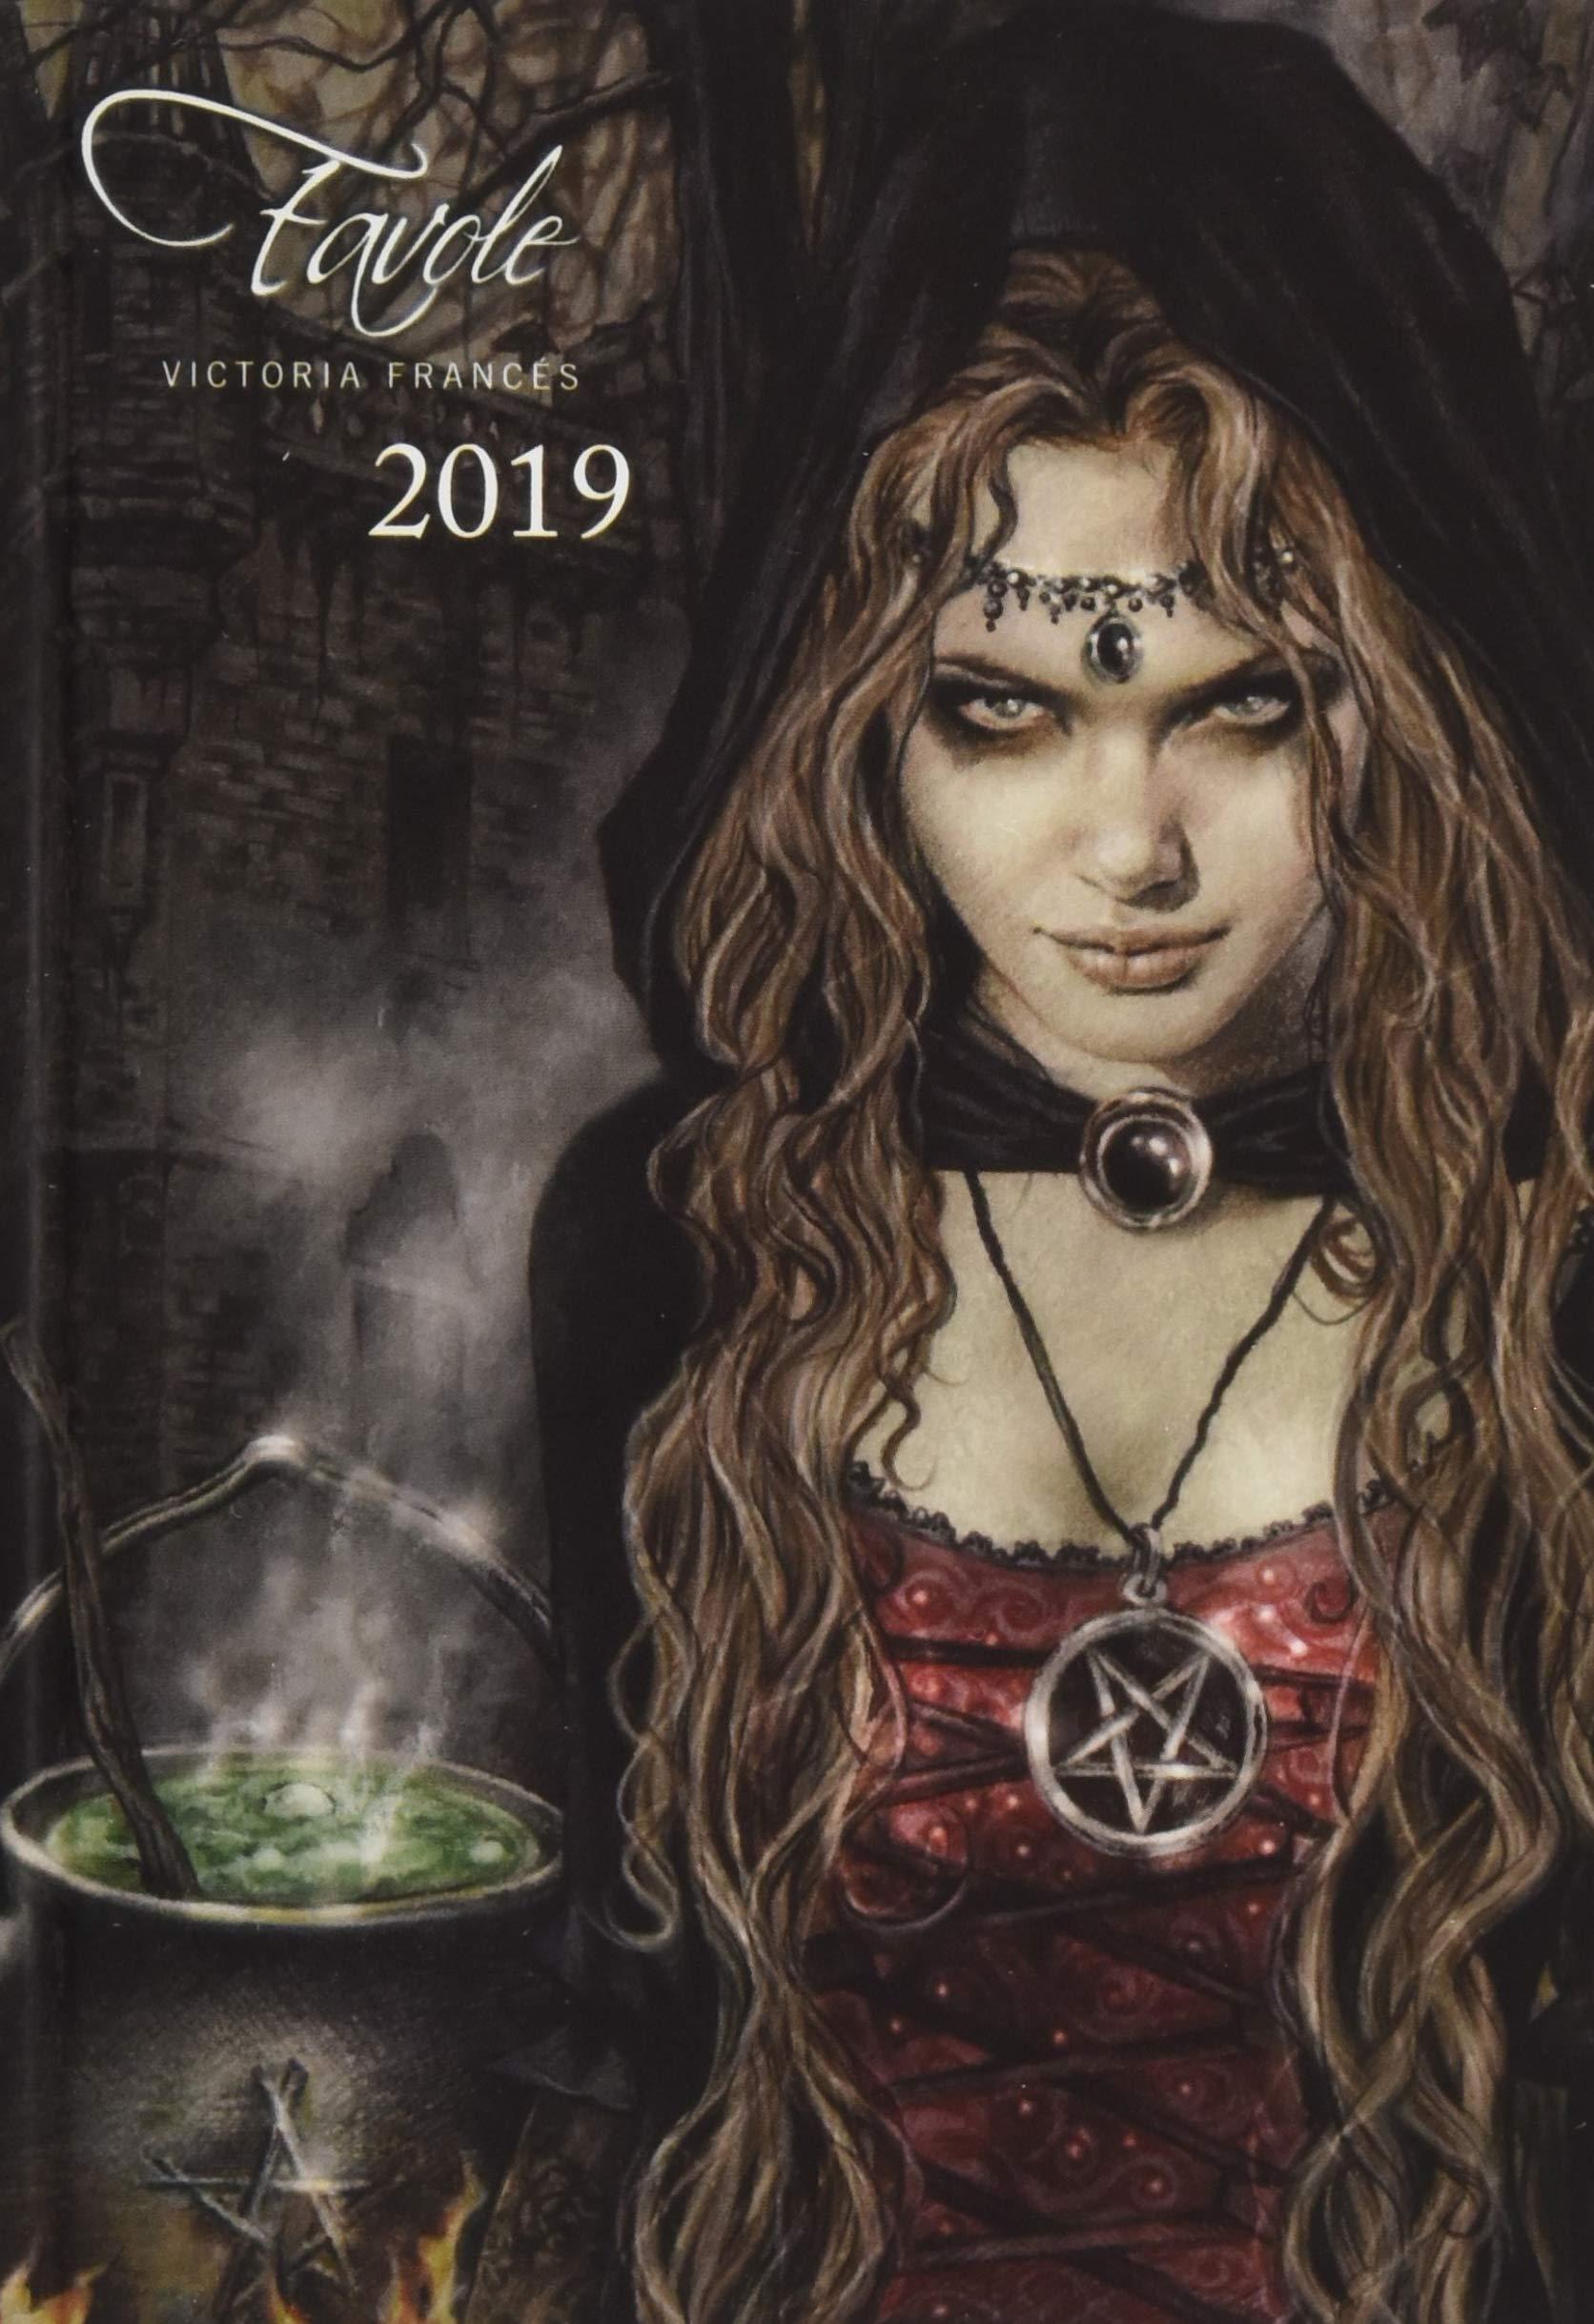 Favole Kalenderbuch 2019: Amazon.es: Victoria Francés: Libros en idiomas extranjeros